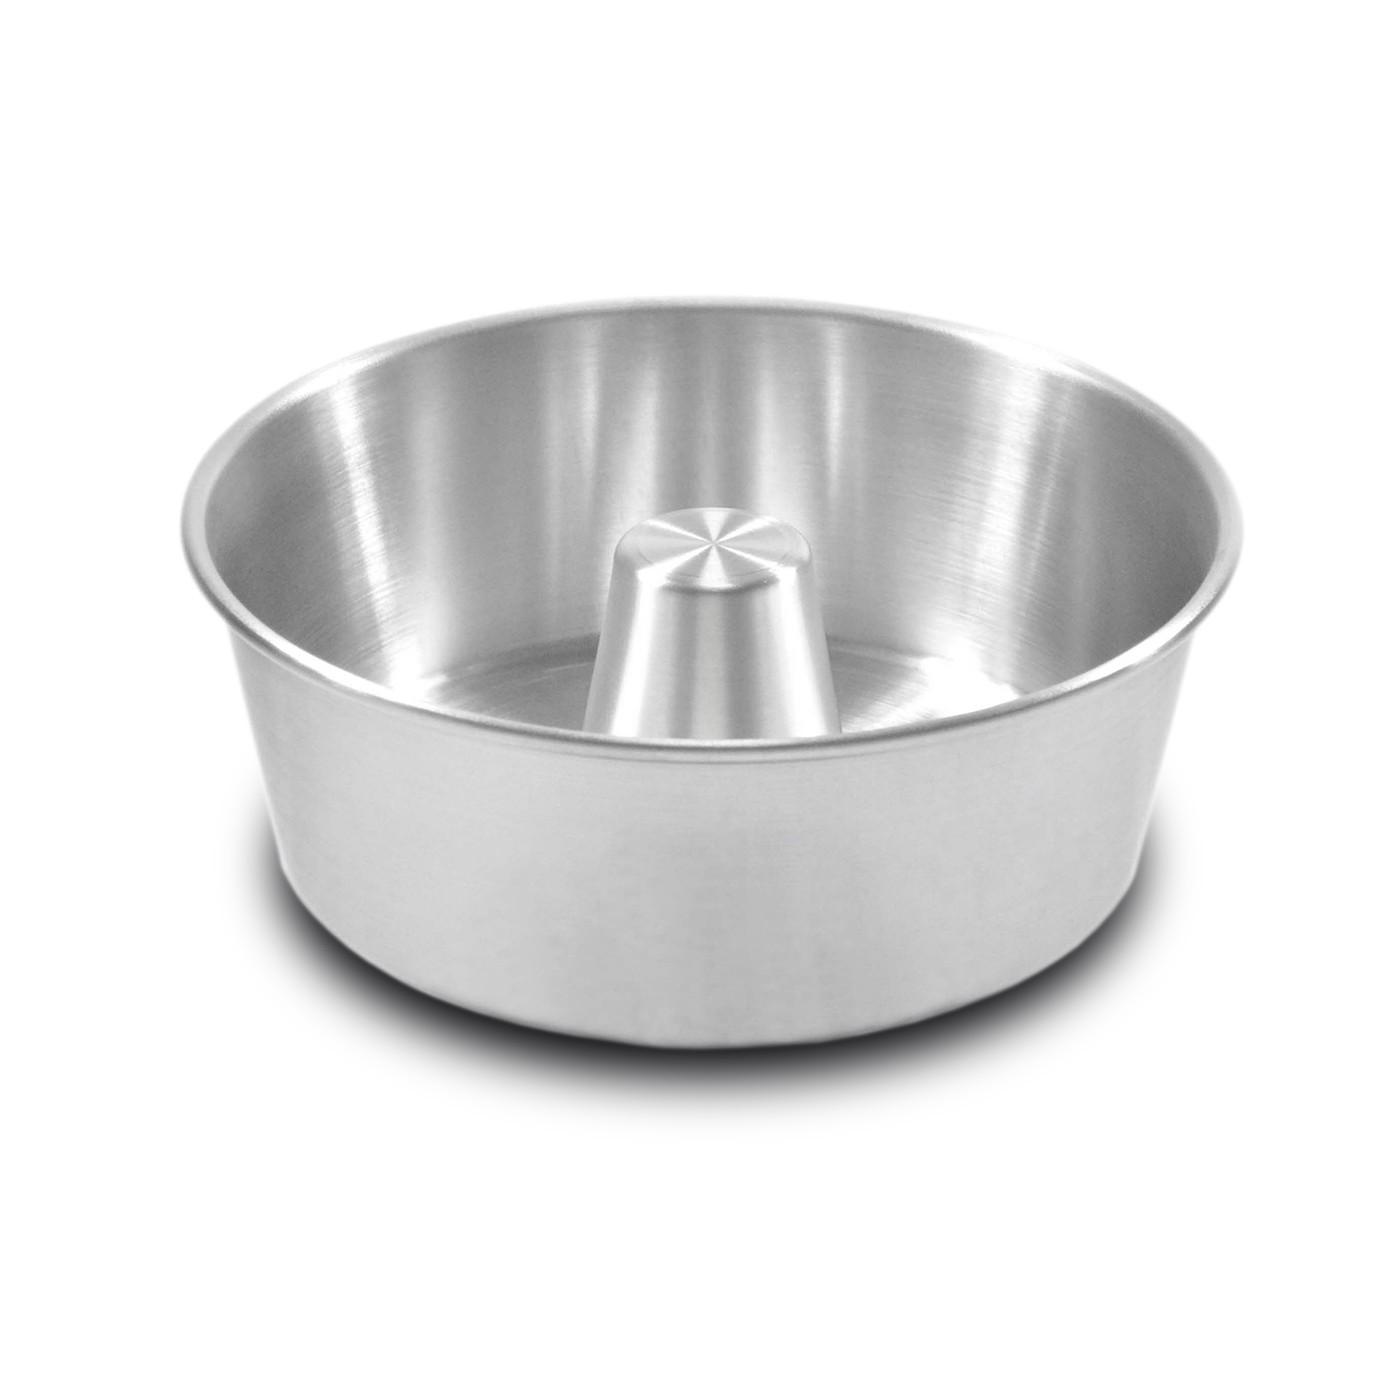 Forma de Aluminio Polido para Bolo e Pudim Redondo 22cm - Arnix